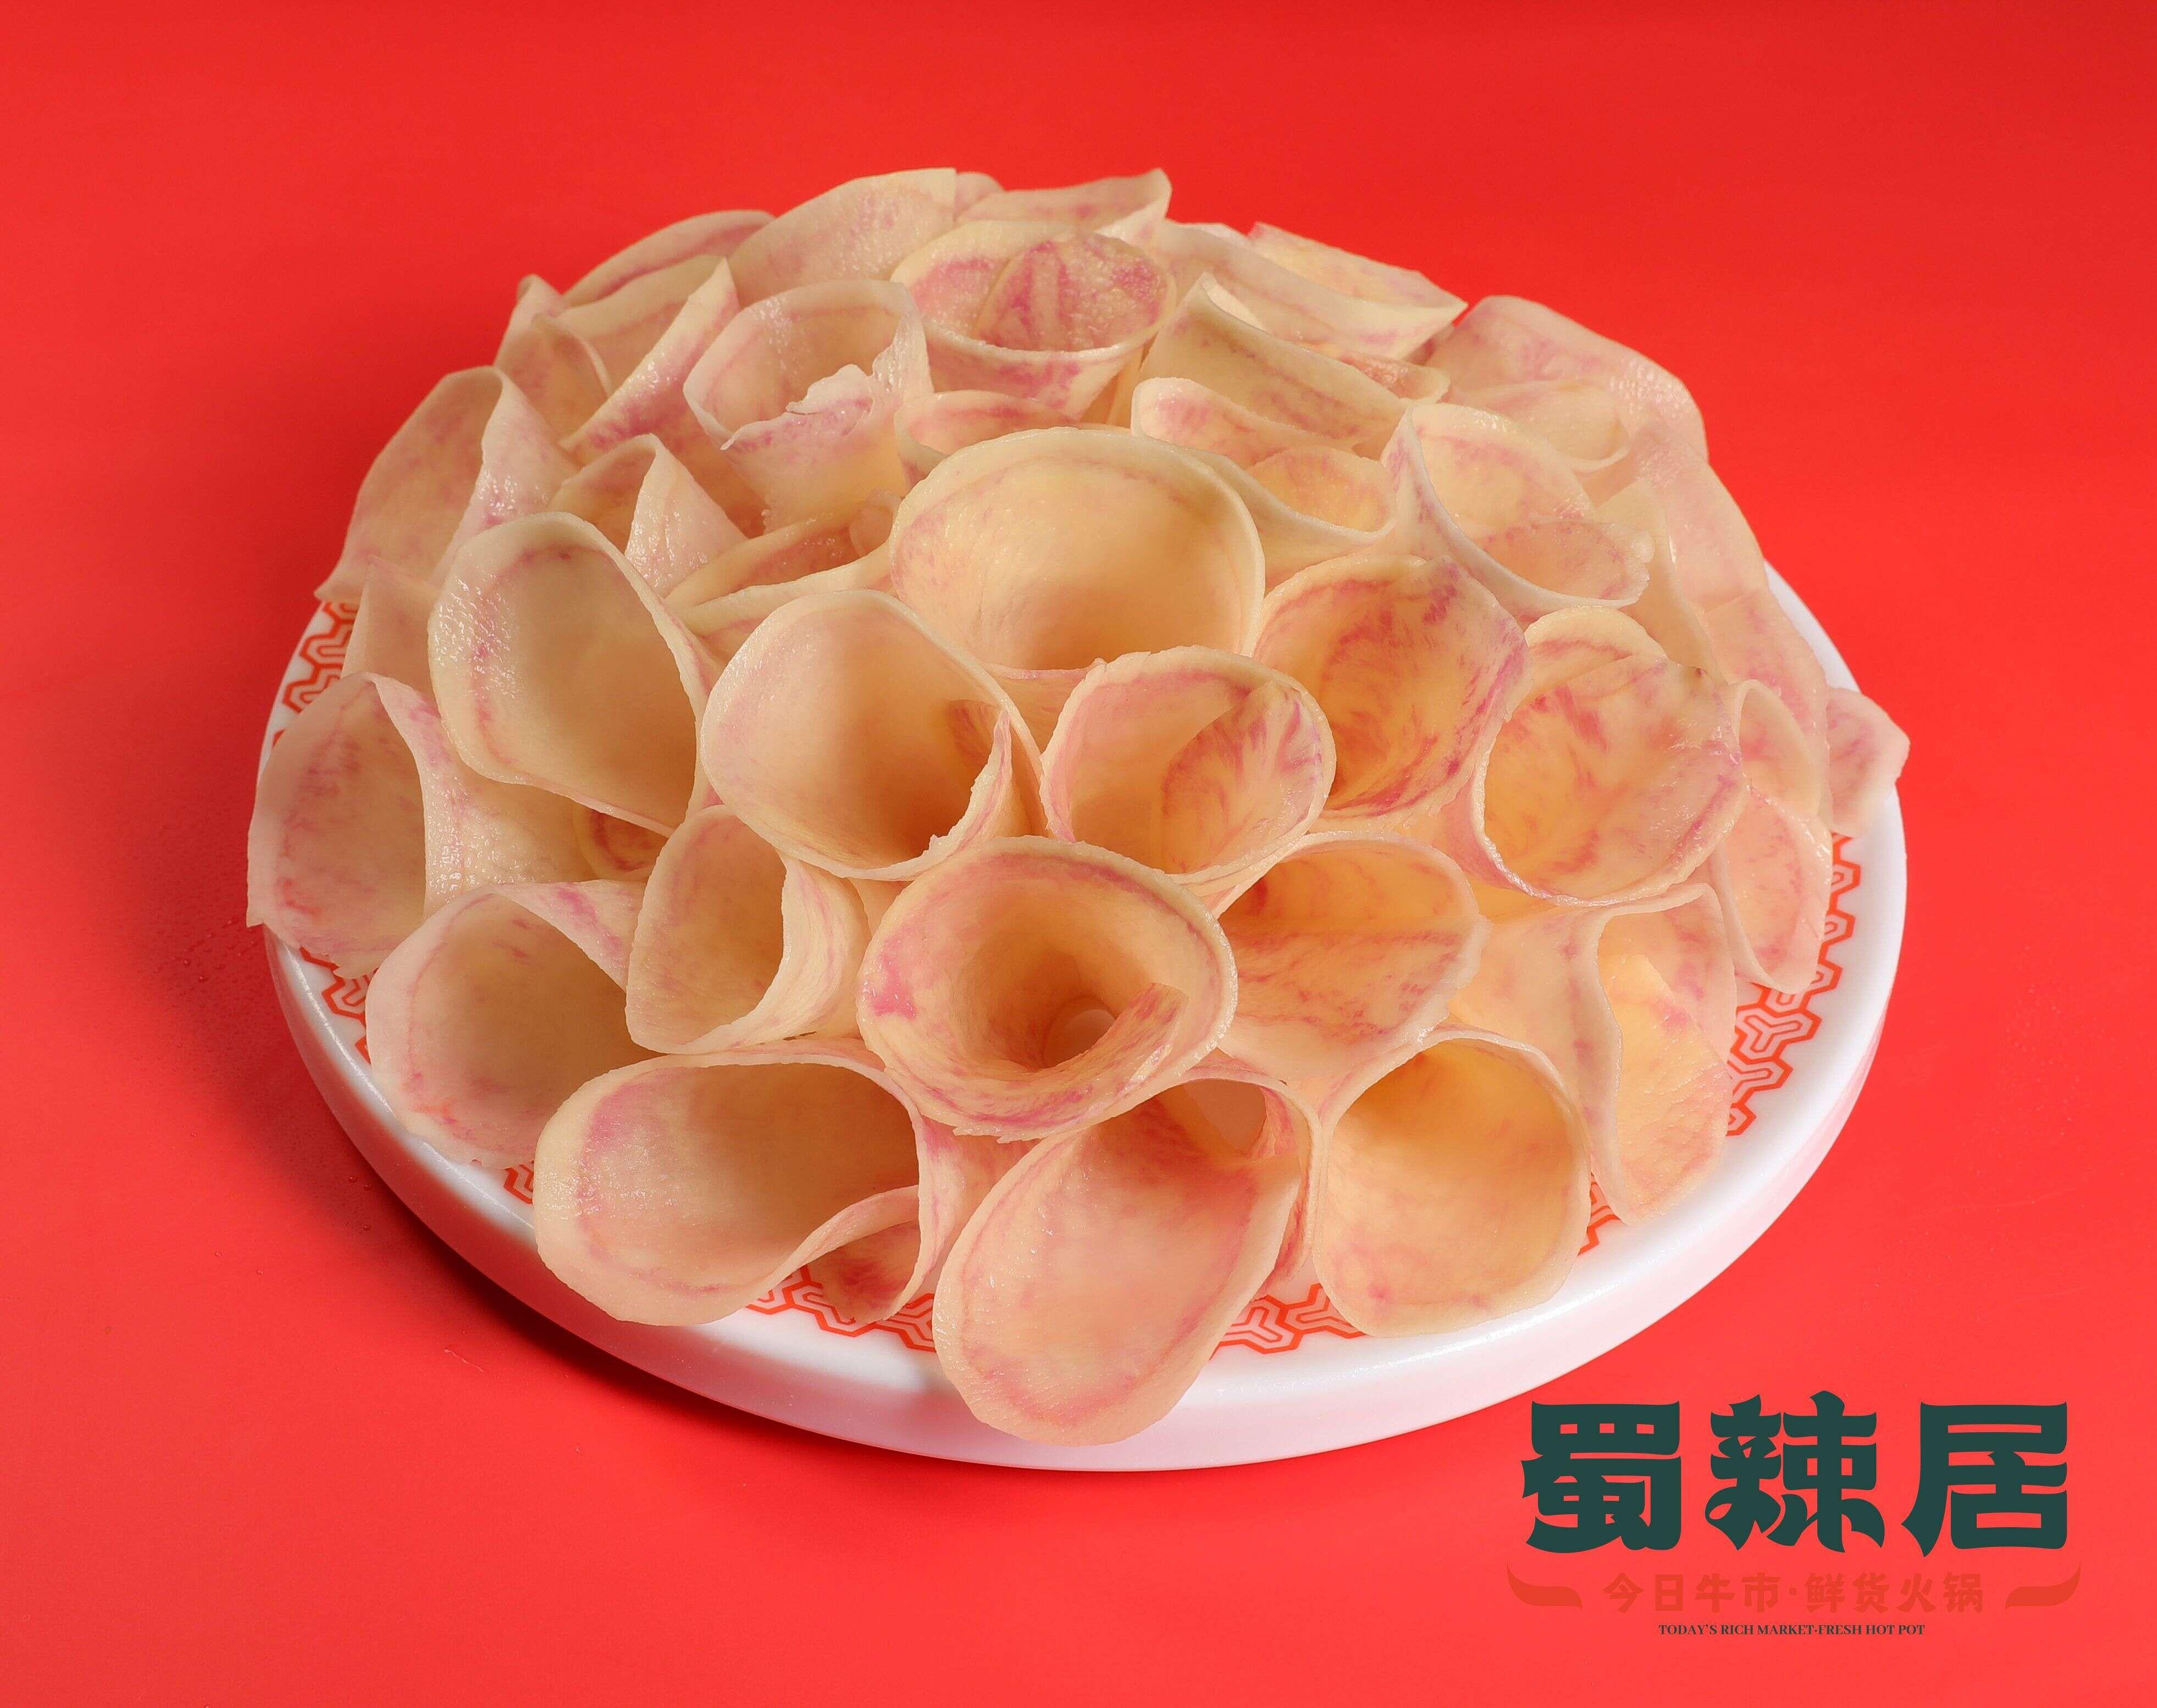 蜀辣居火锅新菜品:七彩土豆片